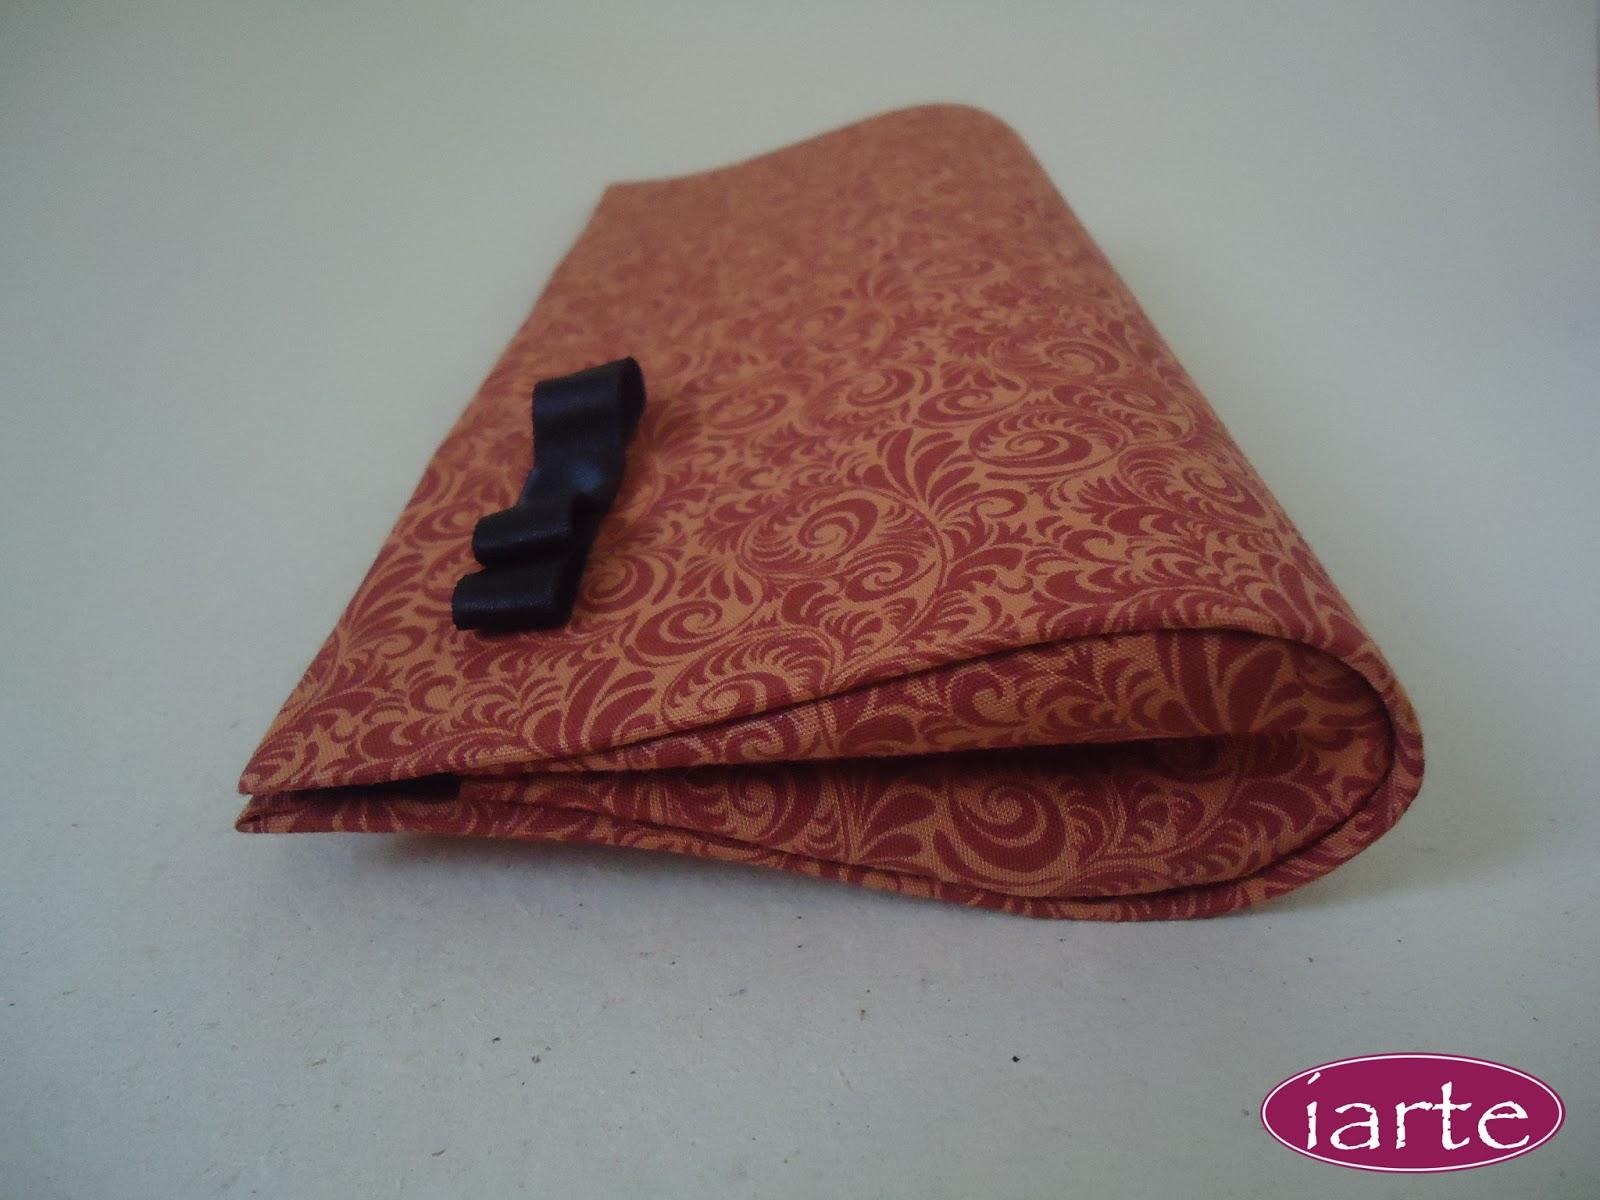 Bolsa De Mão Para Festa Passo A Passo : Cartonagem bolsa carteira de festa arabesco laranja